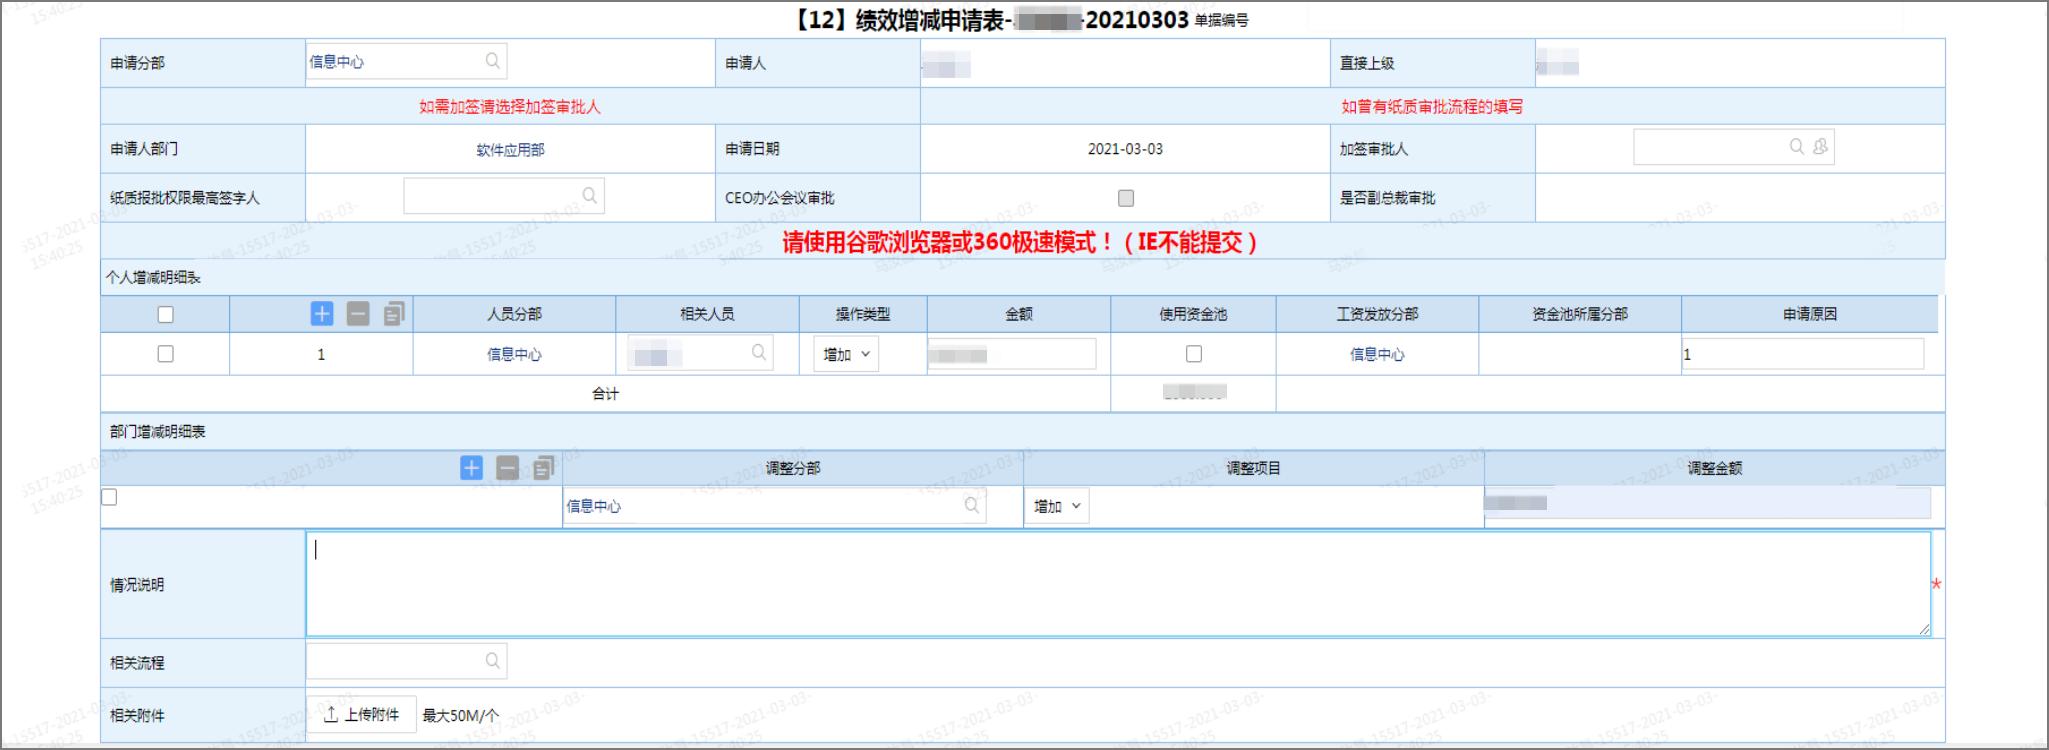 综合泵业集团:上海凯泉用泛微低代码平台实现员工数字化管理